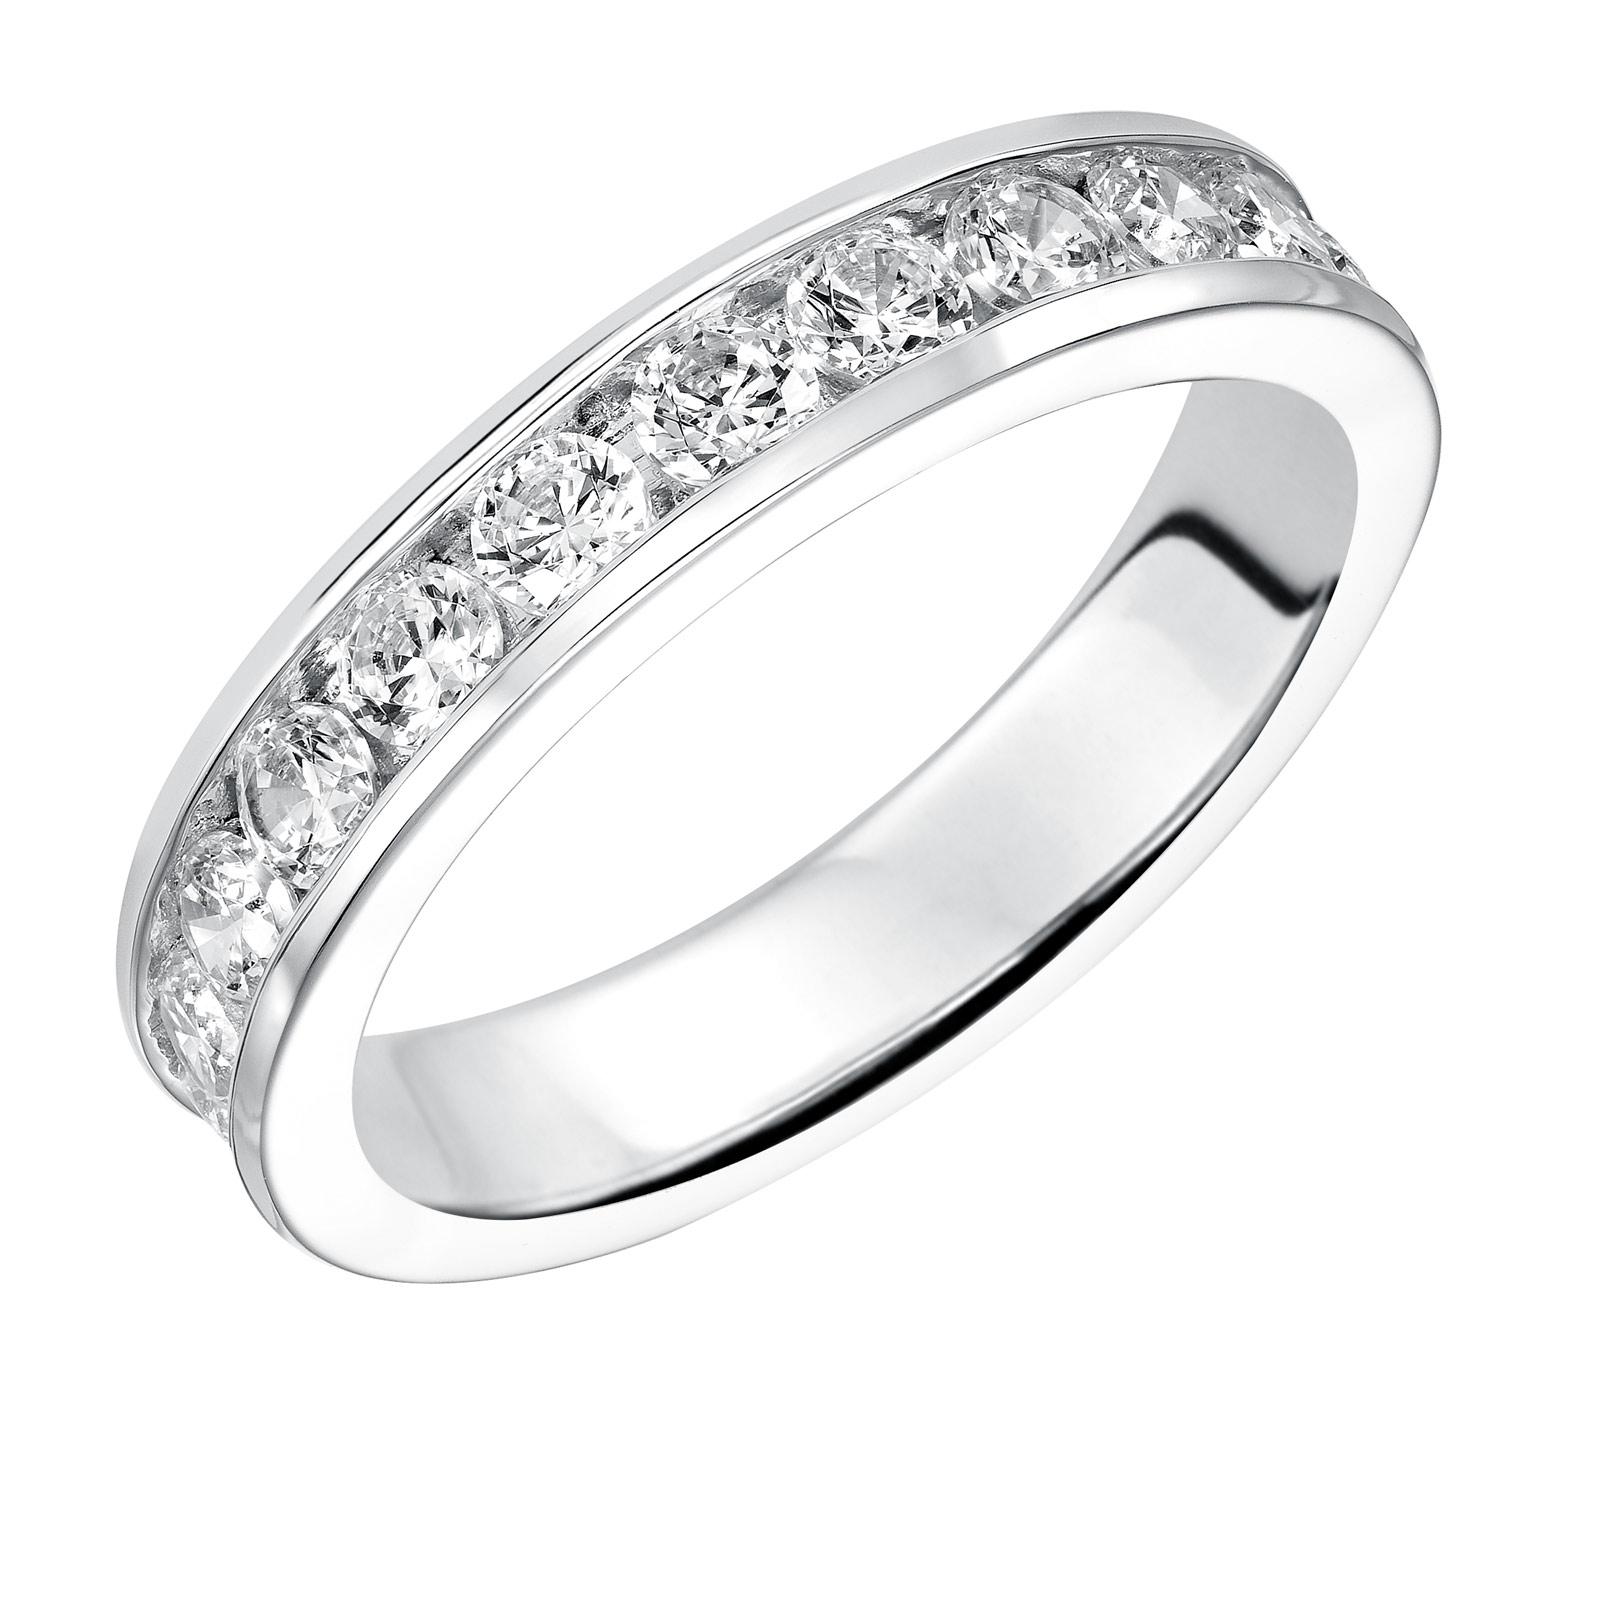 Goldman ring 33 50q4w65 l00 long island ny goldman for Long island wedding bands